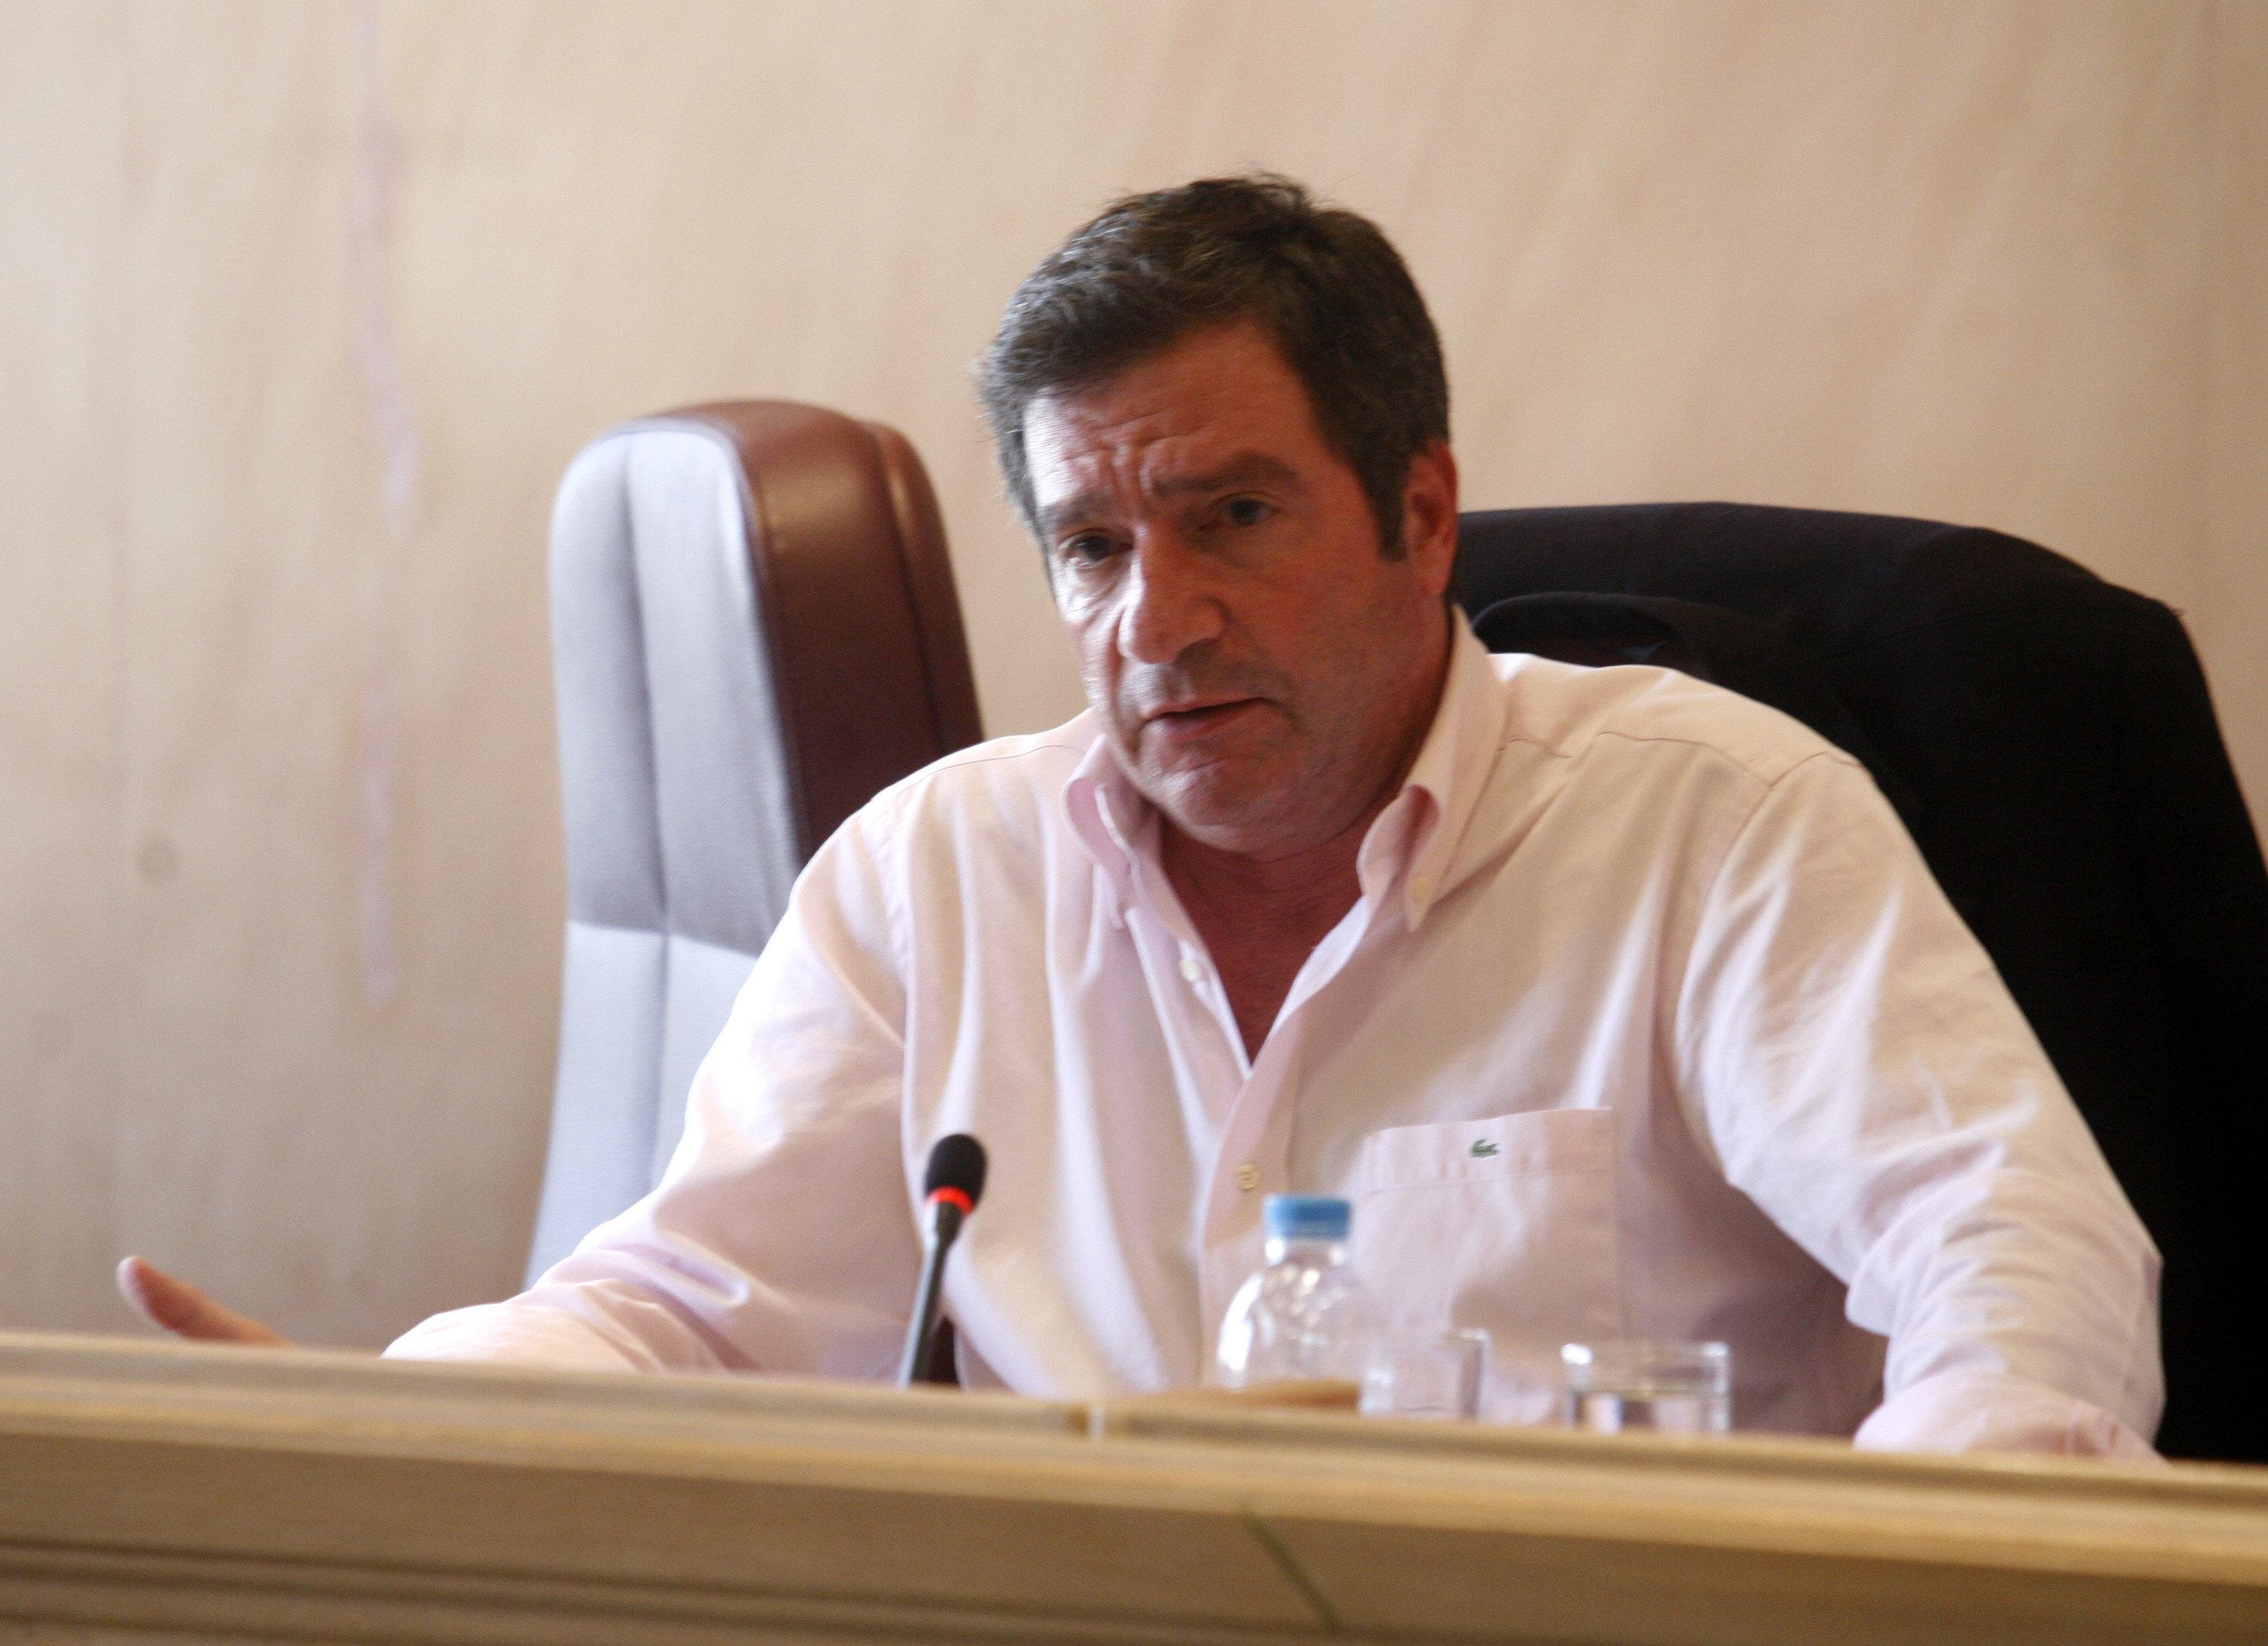 Καμίνης: Σε θλιβερές μειοψηφίες, που επιδιώκουν να γίνουν κράτος εν κράτει, παραδίδει η κυβέρνηση την